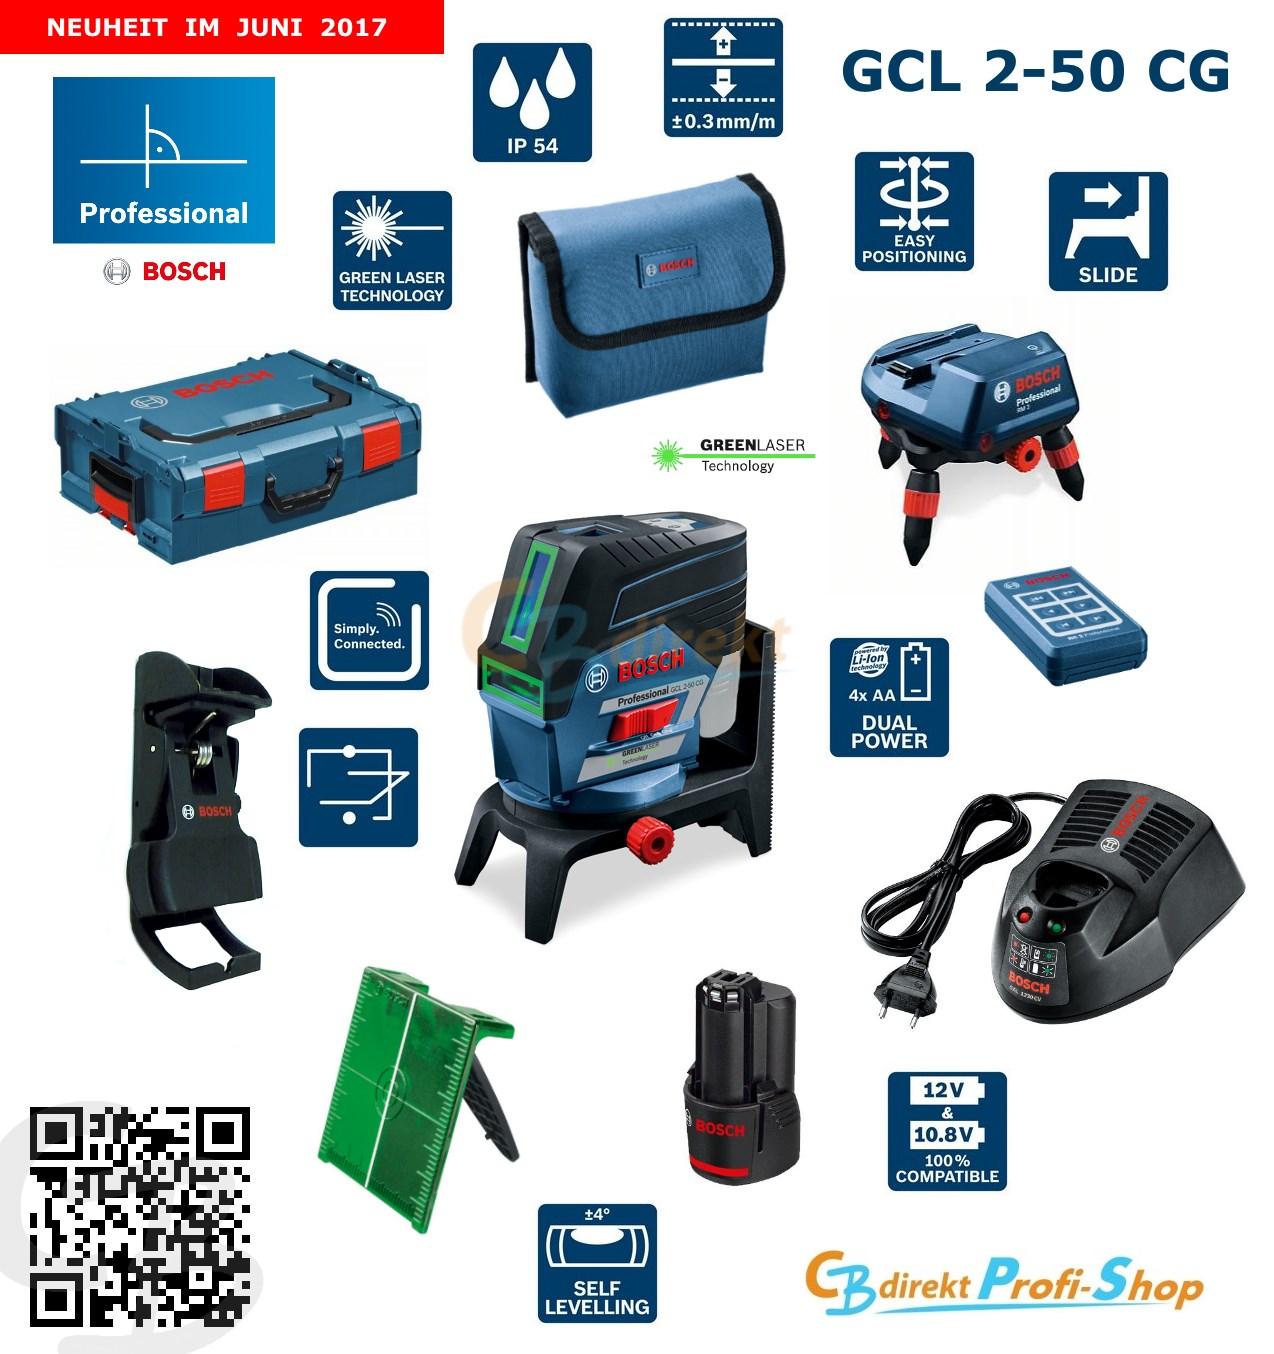 Bosch GCL 2-50 CG Set 06159940JN_inkl. RM 2, RM 3 und Deckenklemme